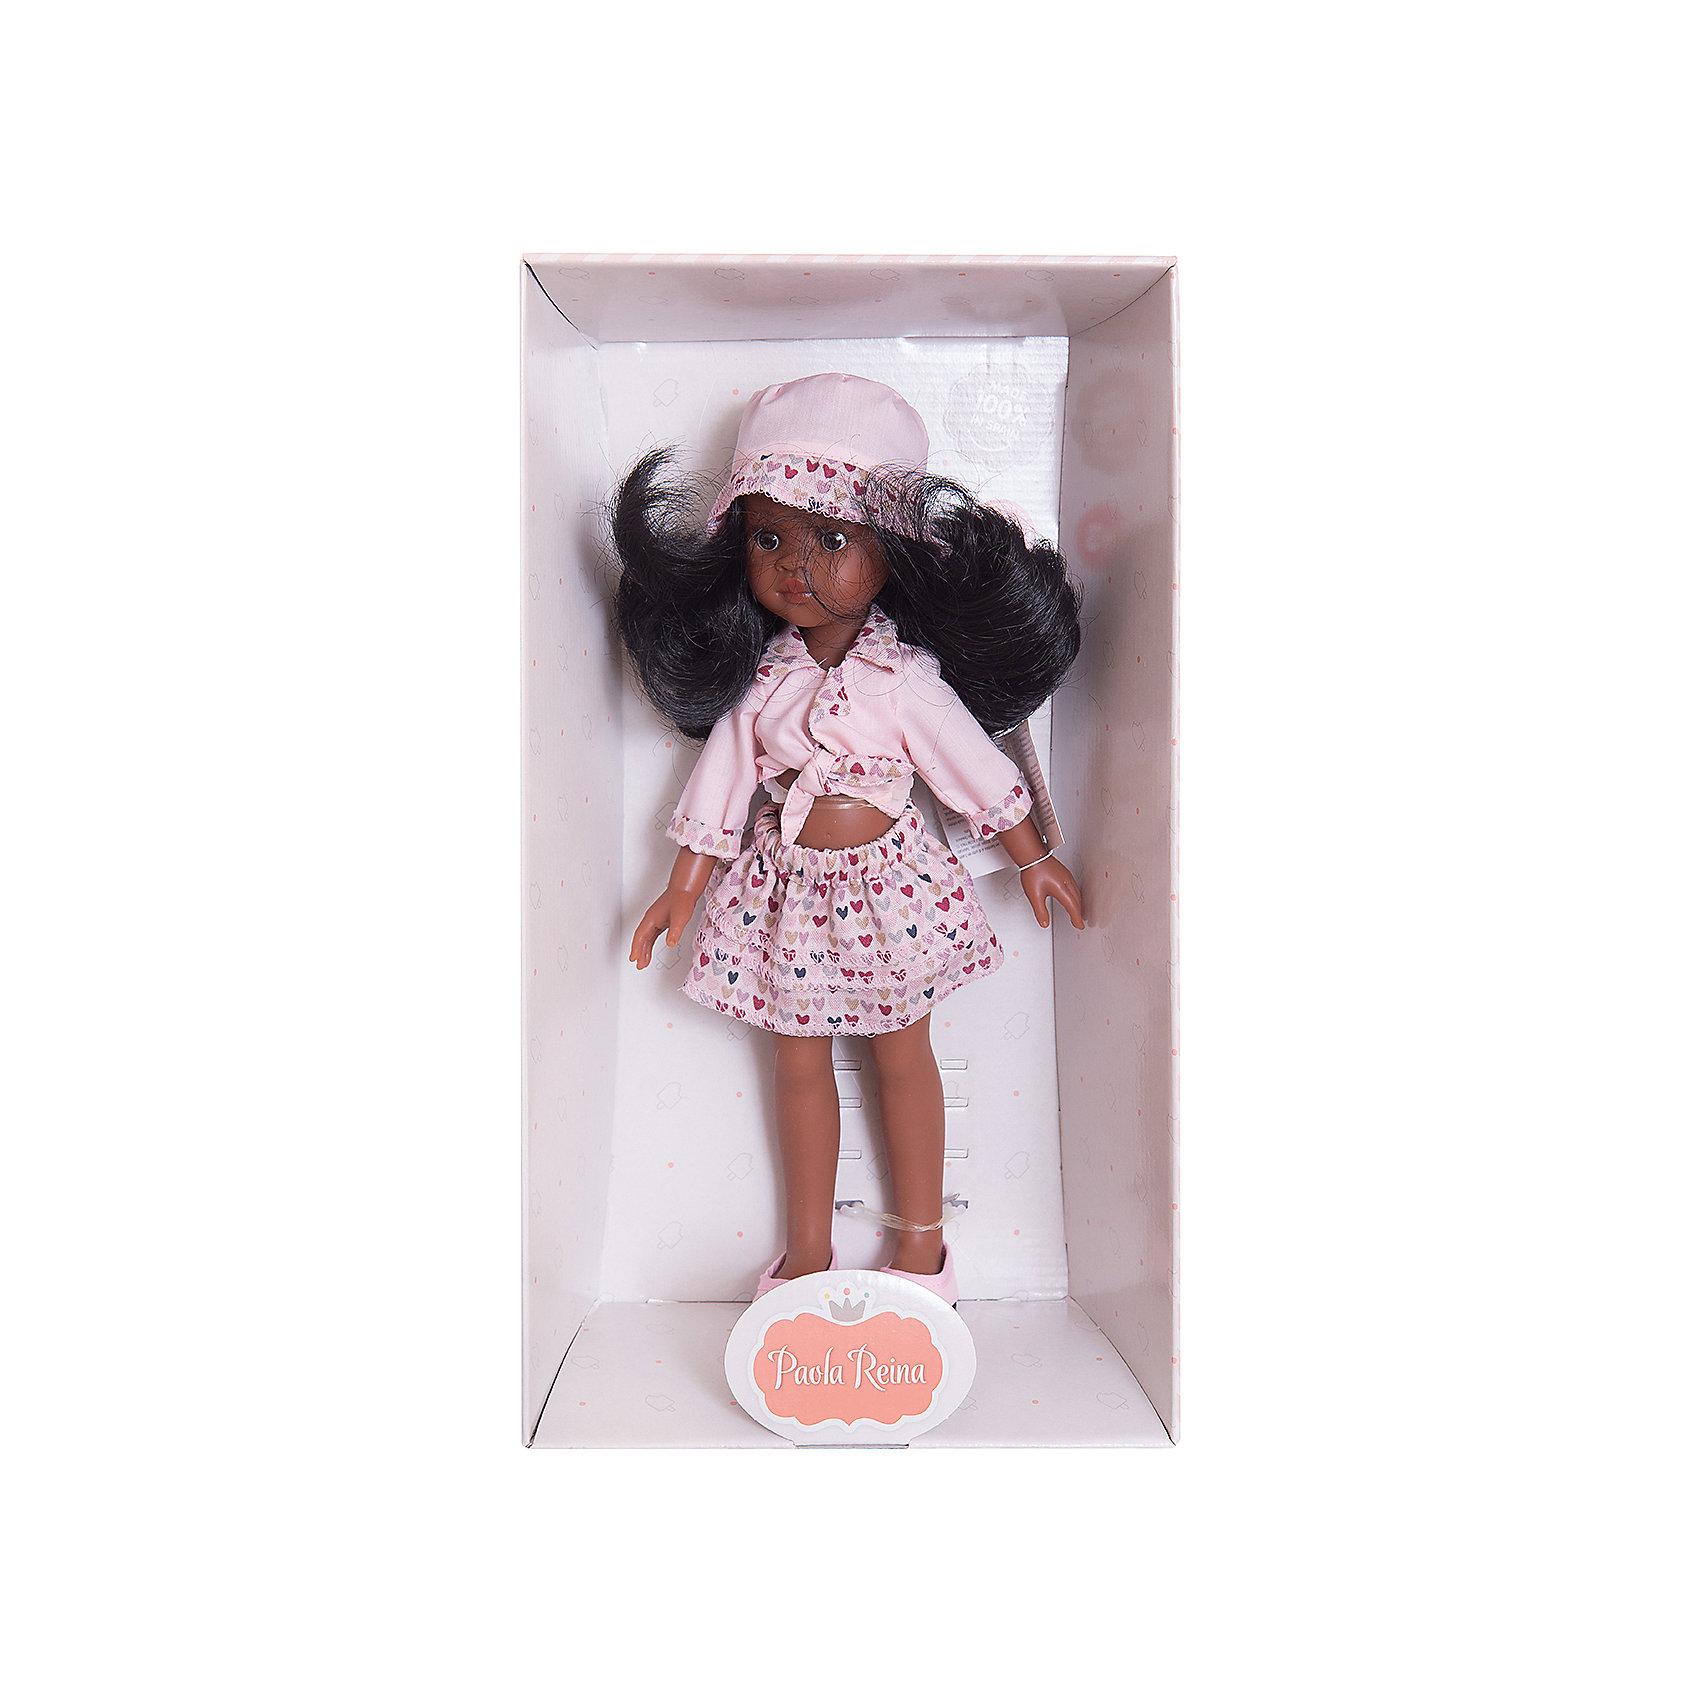 Кукла Нора, 32 см, Paola ReinaКлассические куклы<br>Кукла имеет нежный ванильный аромат; уникальный и неповторимый дизайн лица и тела; ручная работа (ресницы, веснушки, щечки, губы, прическа); волосы легко расчесываются и блестят; ручки, ножки и голова поворачиваются. <br>Качество подтверждено нормами безопасности EN17 ЕЭС. <br>Материалы: кукла изготовлена из винила; глаза выполнены в виде кристалла из прозрачного твердого пластика; волосы сделаны из высококачественного нейлона.<br><br>Ширина мм: 110<br>Глубина мм: 230<br>Высота мм: 410<br>Вес г: 667<br>Возраст от месяцев: 36<br>Возраст до месяцев: 144<br>Пол: Женский<br>Возраст: Детский<br>SKU: 4795911